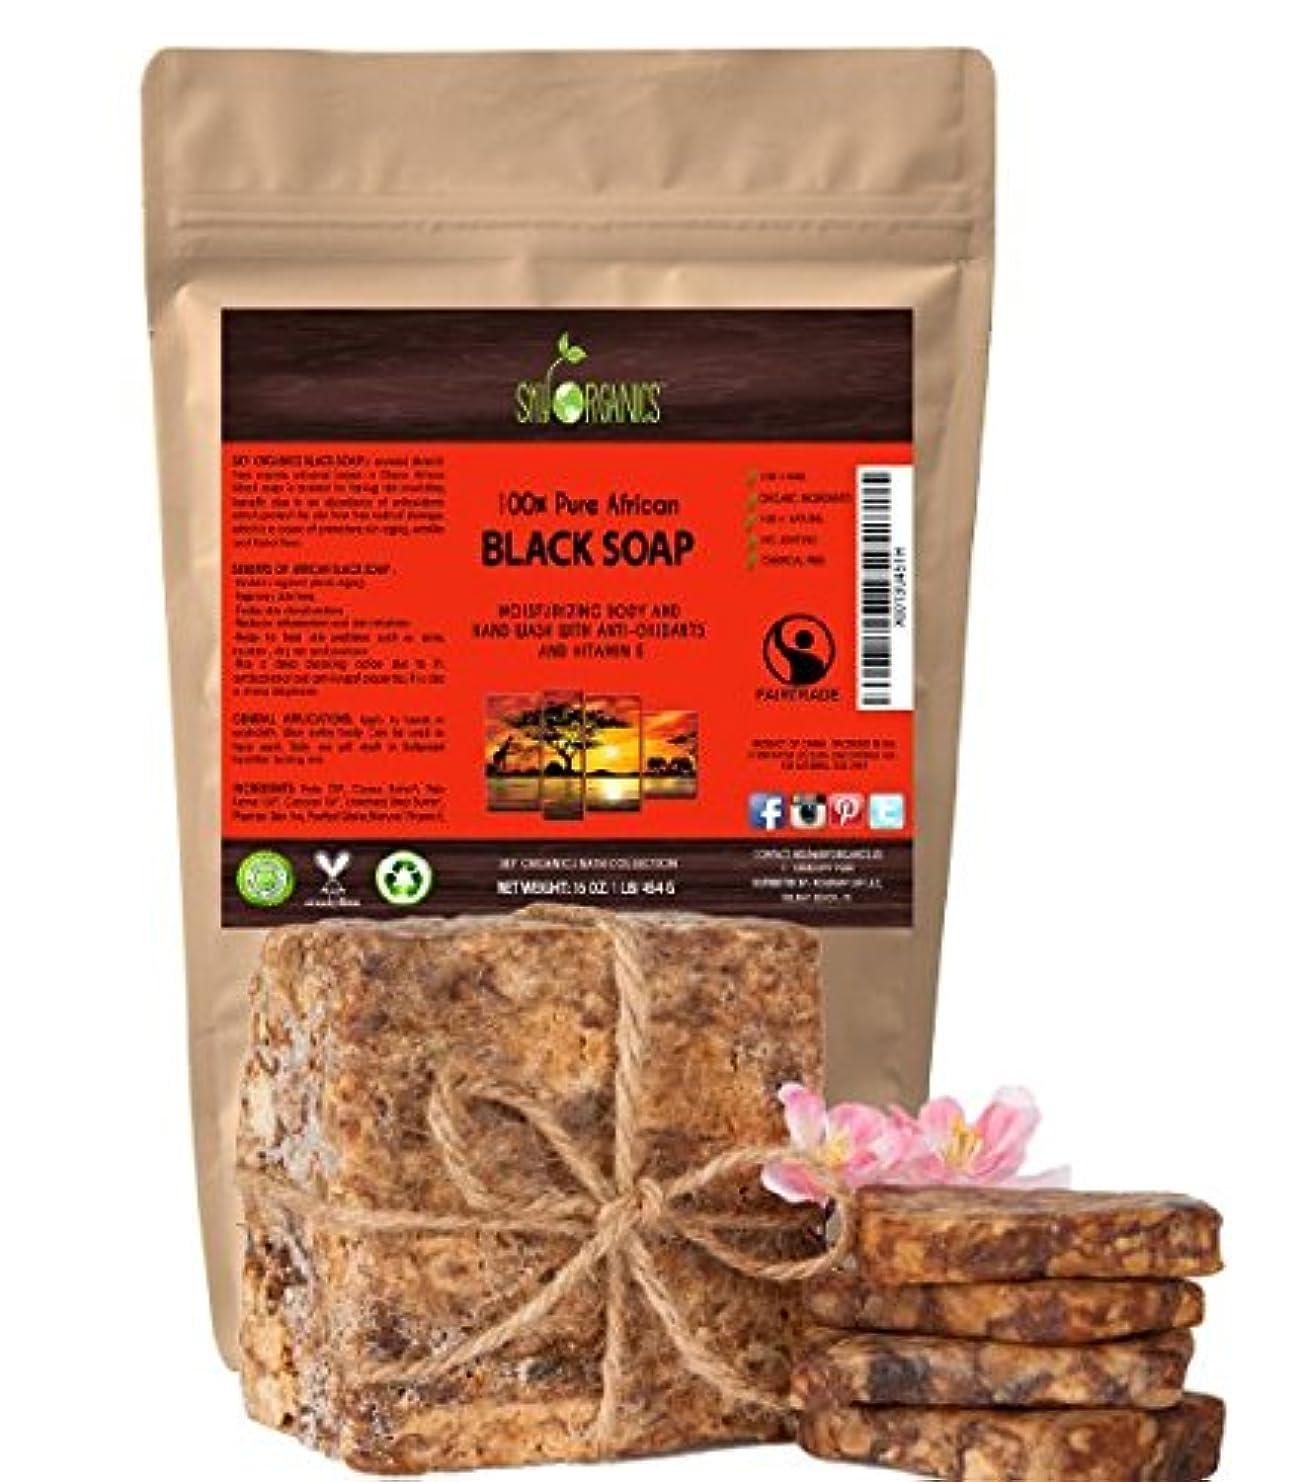 兵士演じる苦しめる切って使う オーガニック アフリカン ブラックソープ (約4563gブロック)Organic African Black Soap (16oz block) - Raw Organic Soap Ideal for Acne, [並行輸入品]